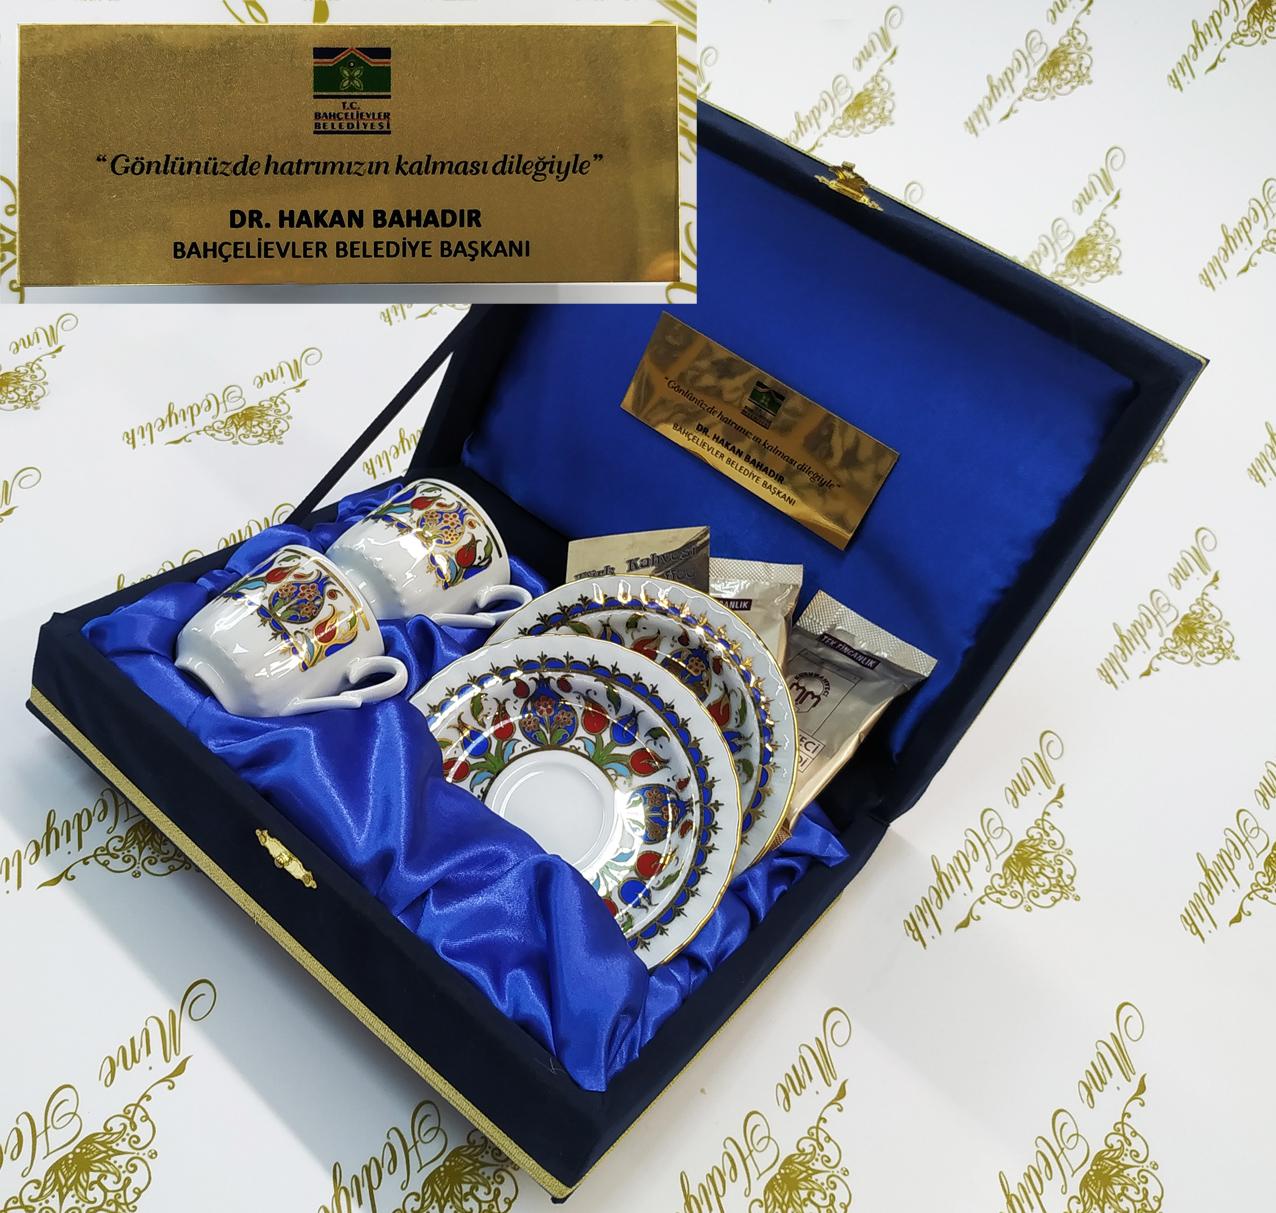 Nikah törenleri için kahve hediyeli kaliteli fincan setleri Bahçelievler Belediyesi